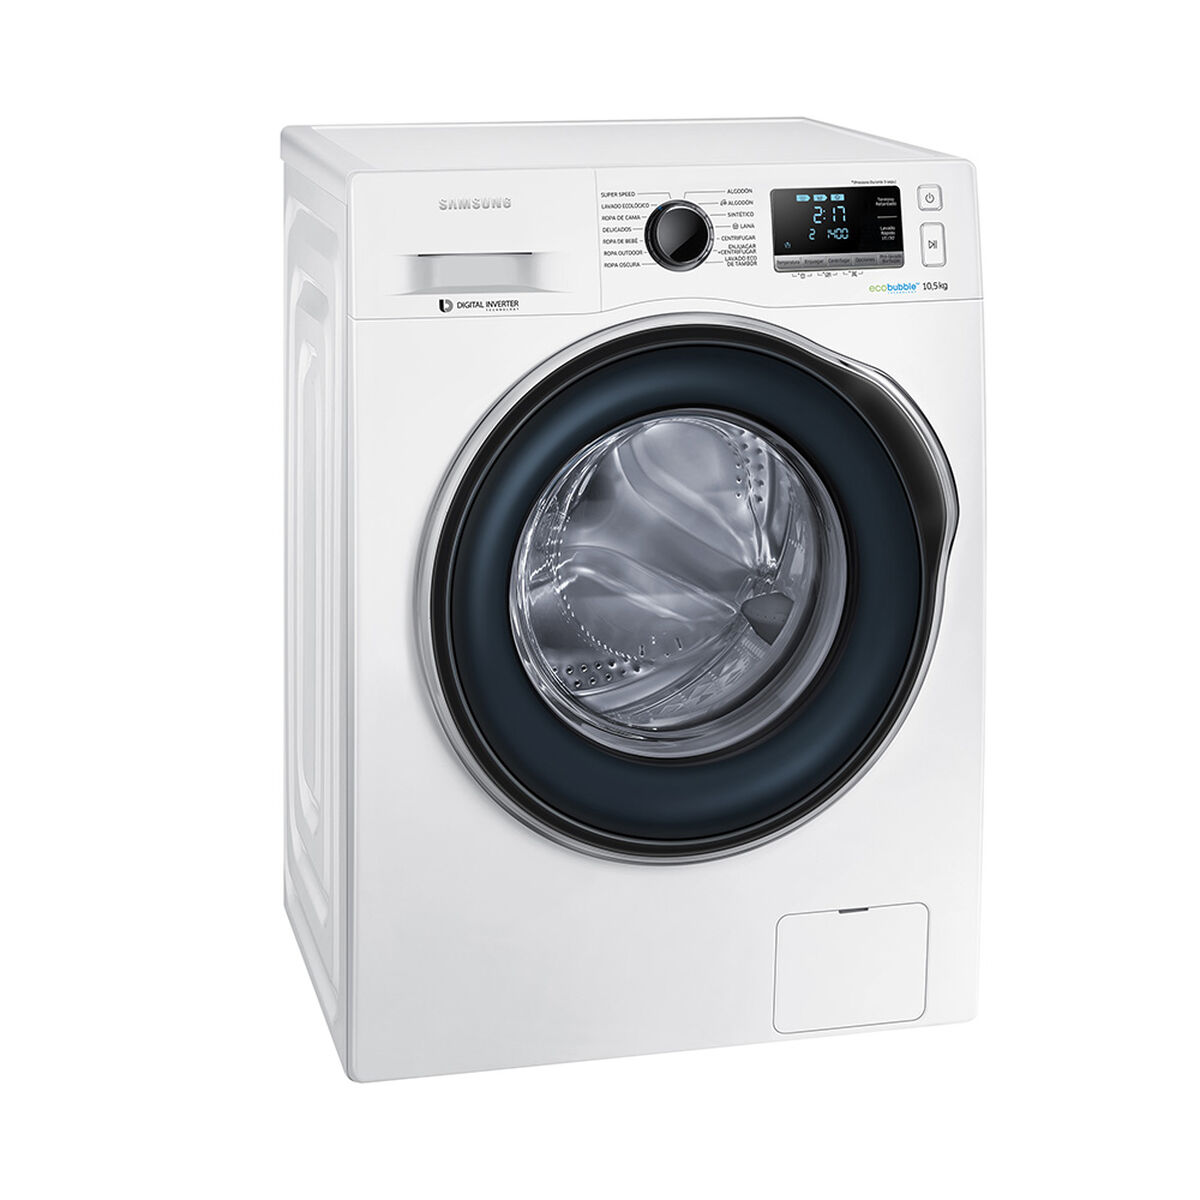 Lavadora Automática Samsung WW10J6410CW1 10,5 kg.